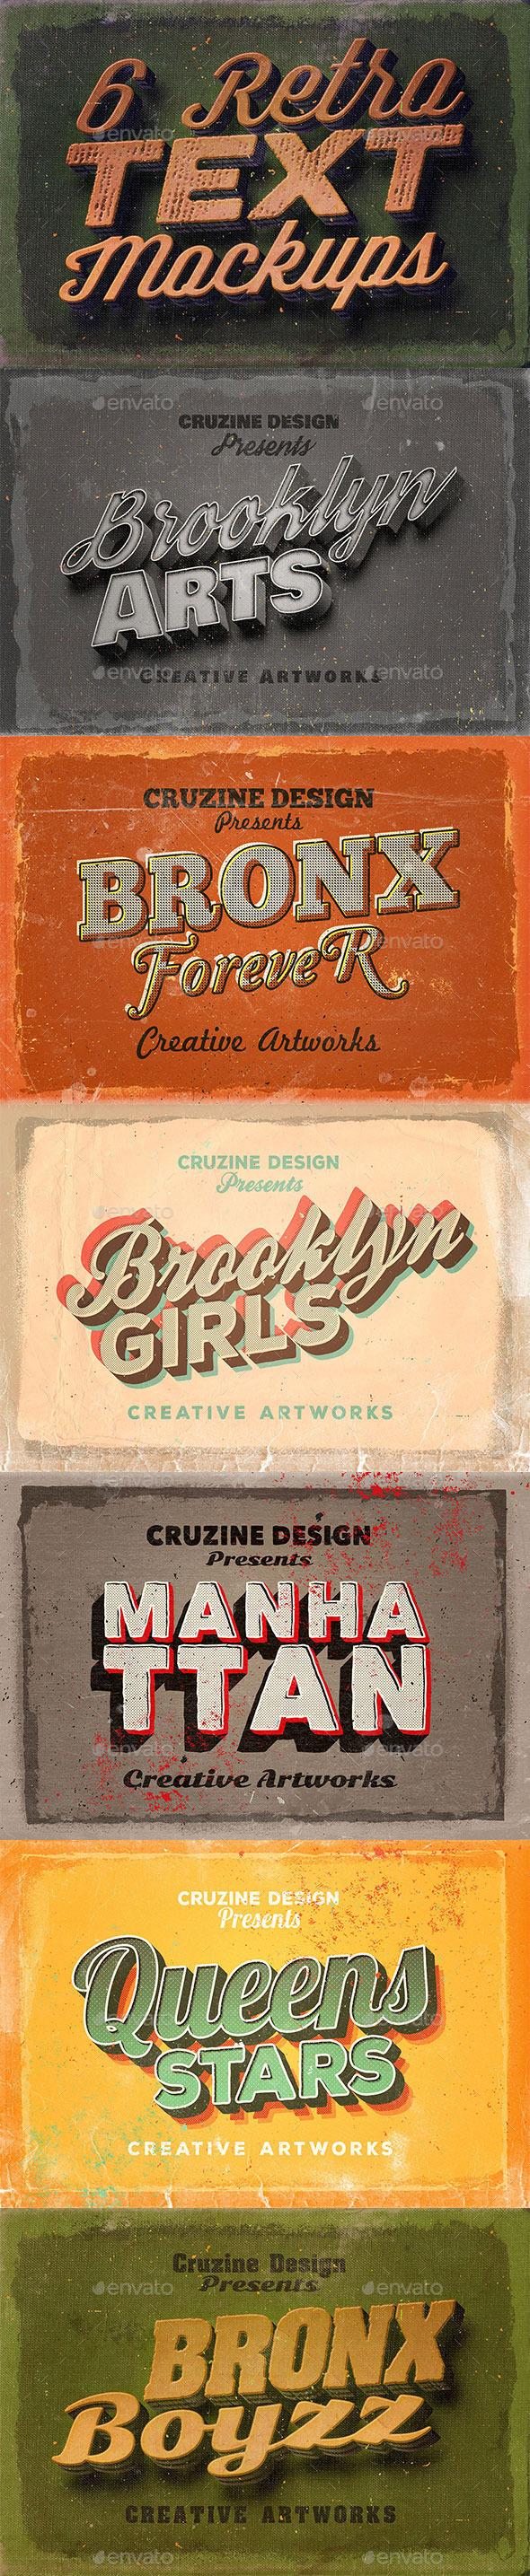 GraphicRiver 6 Retro Vintage Text Mock-ups 10584668